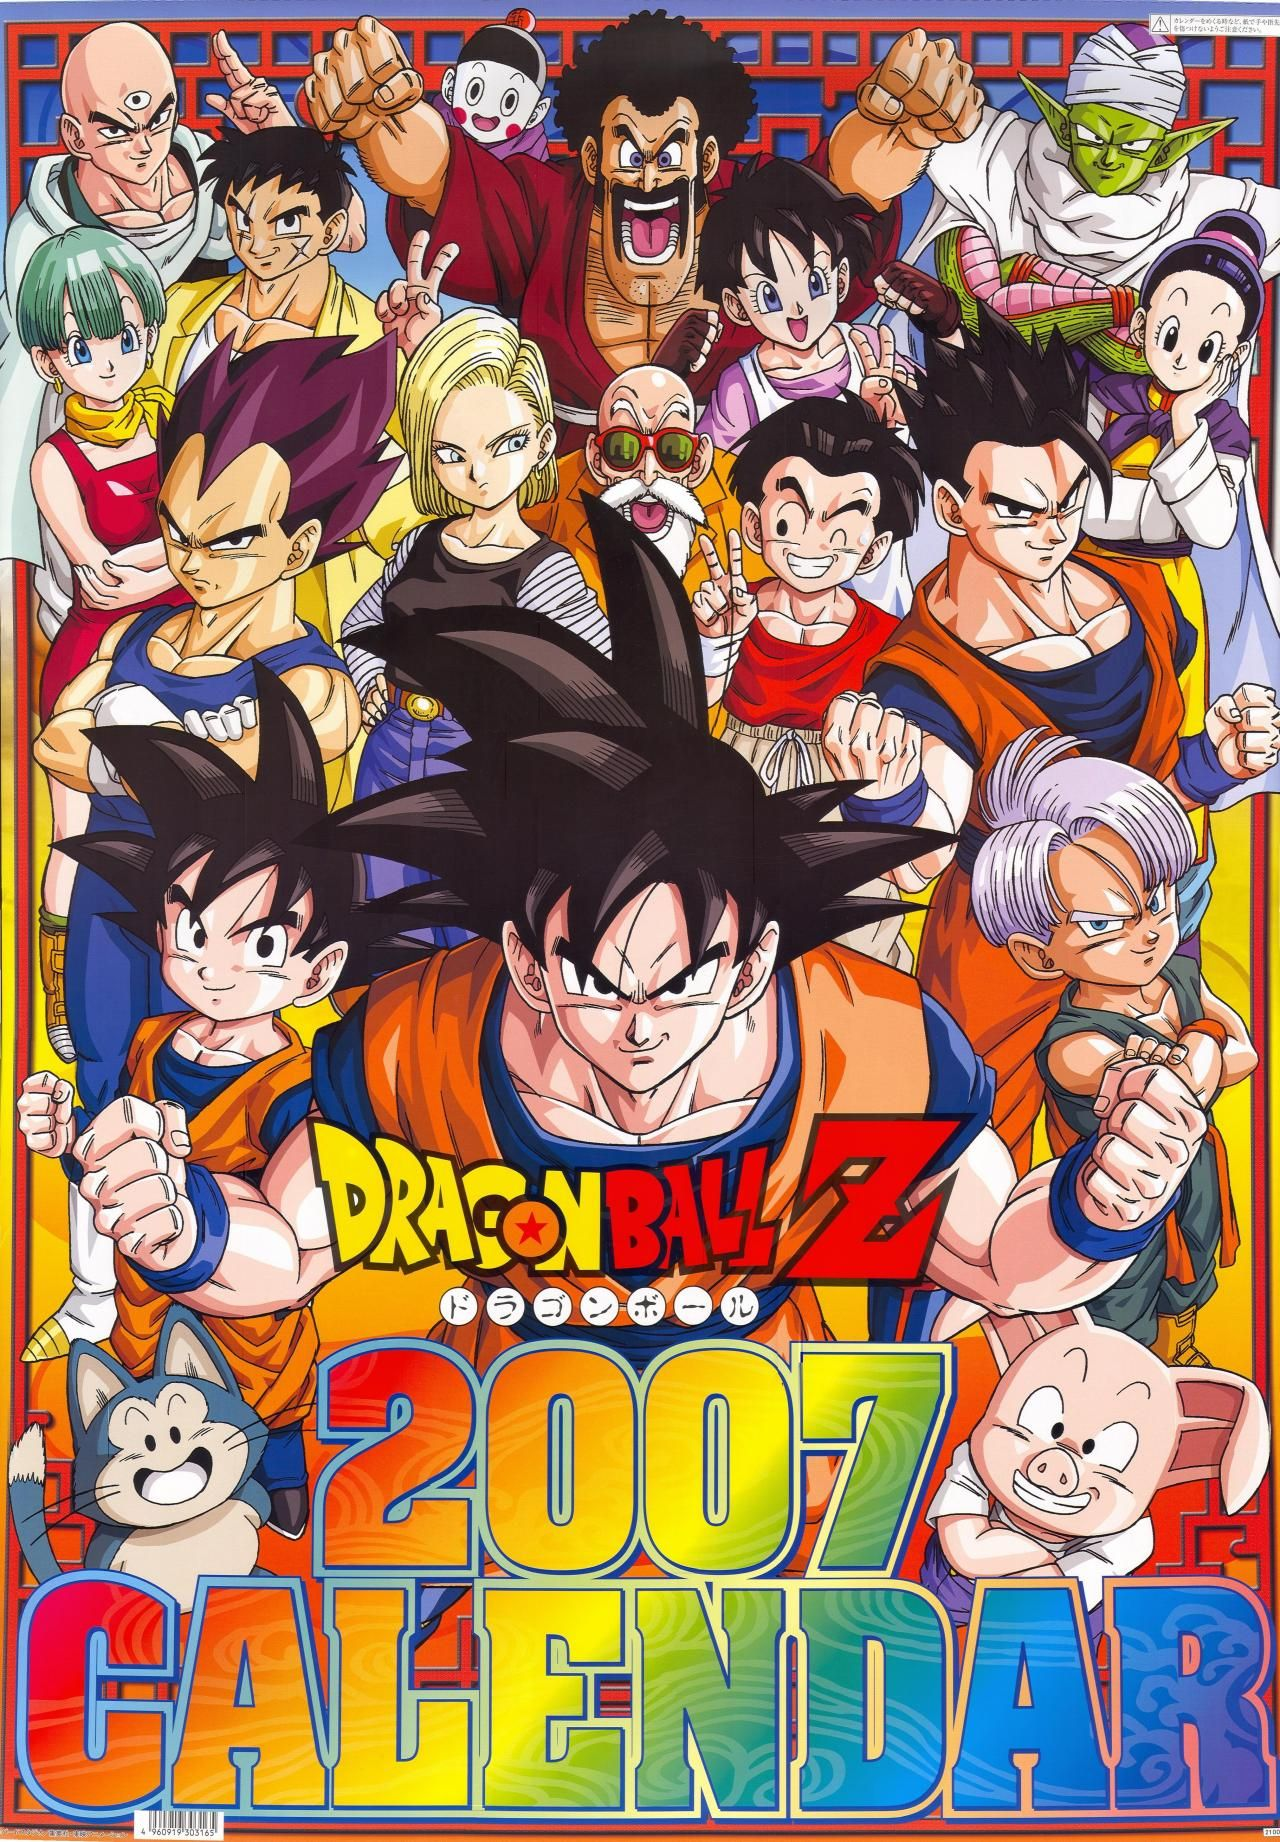 Dragon Ball Z Saga Majin Boo 163 Majin Boo Dragon Ball Z Saga De Majin Boo